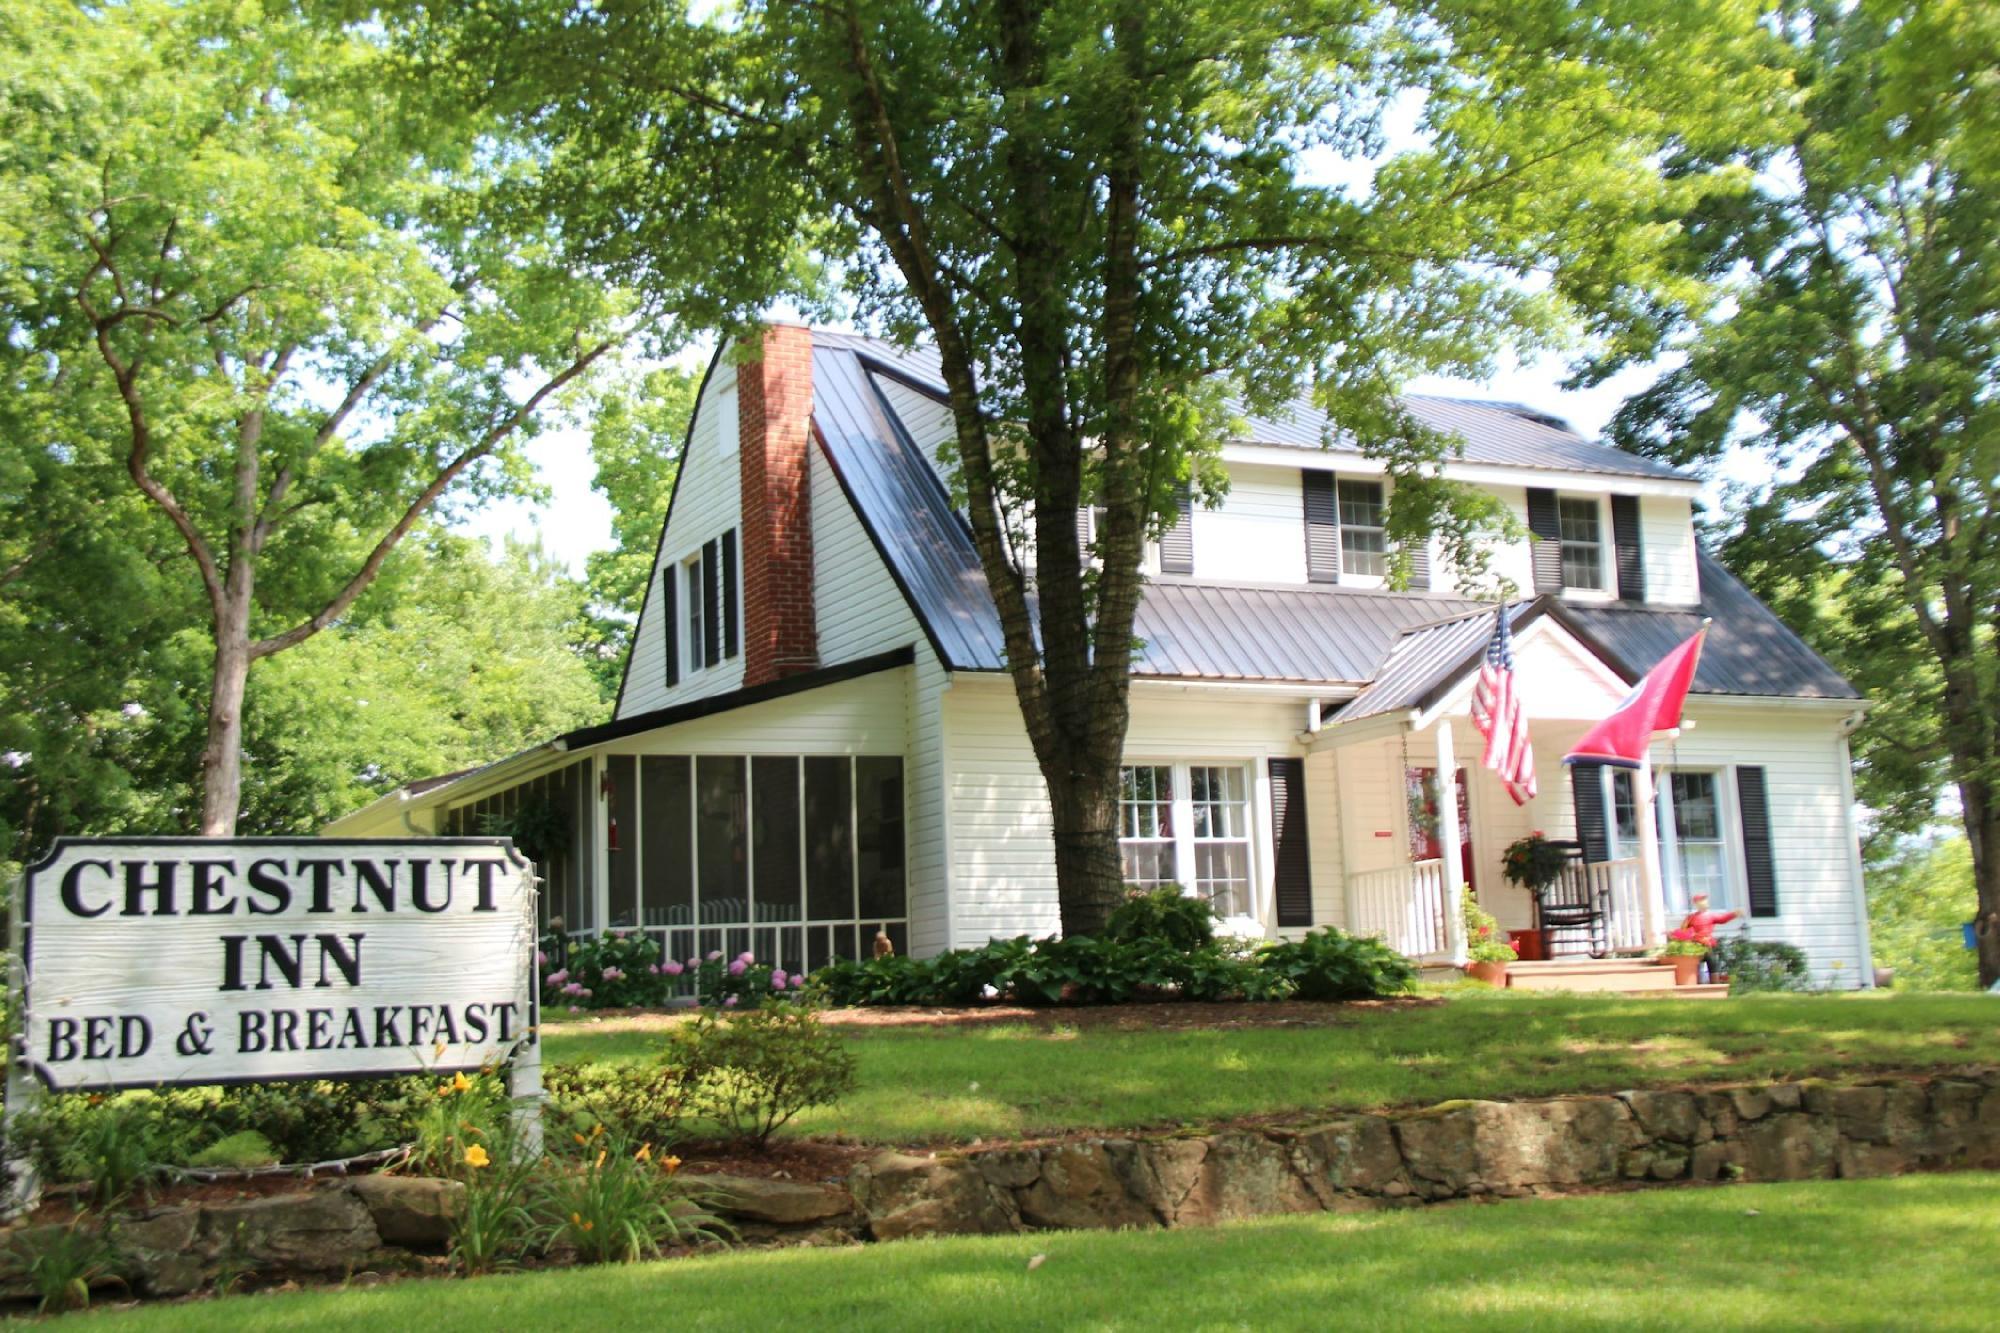 Chestnut Inn